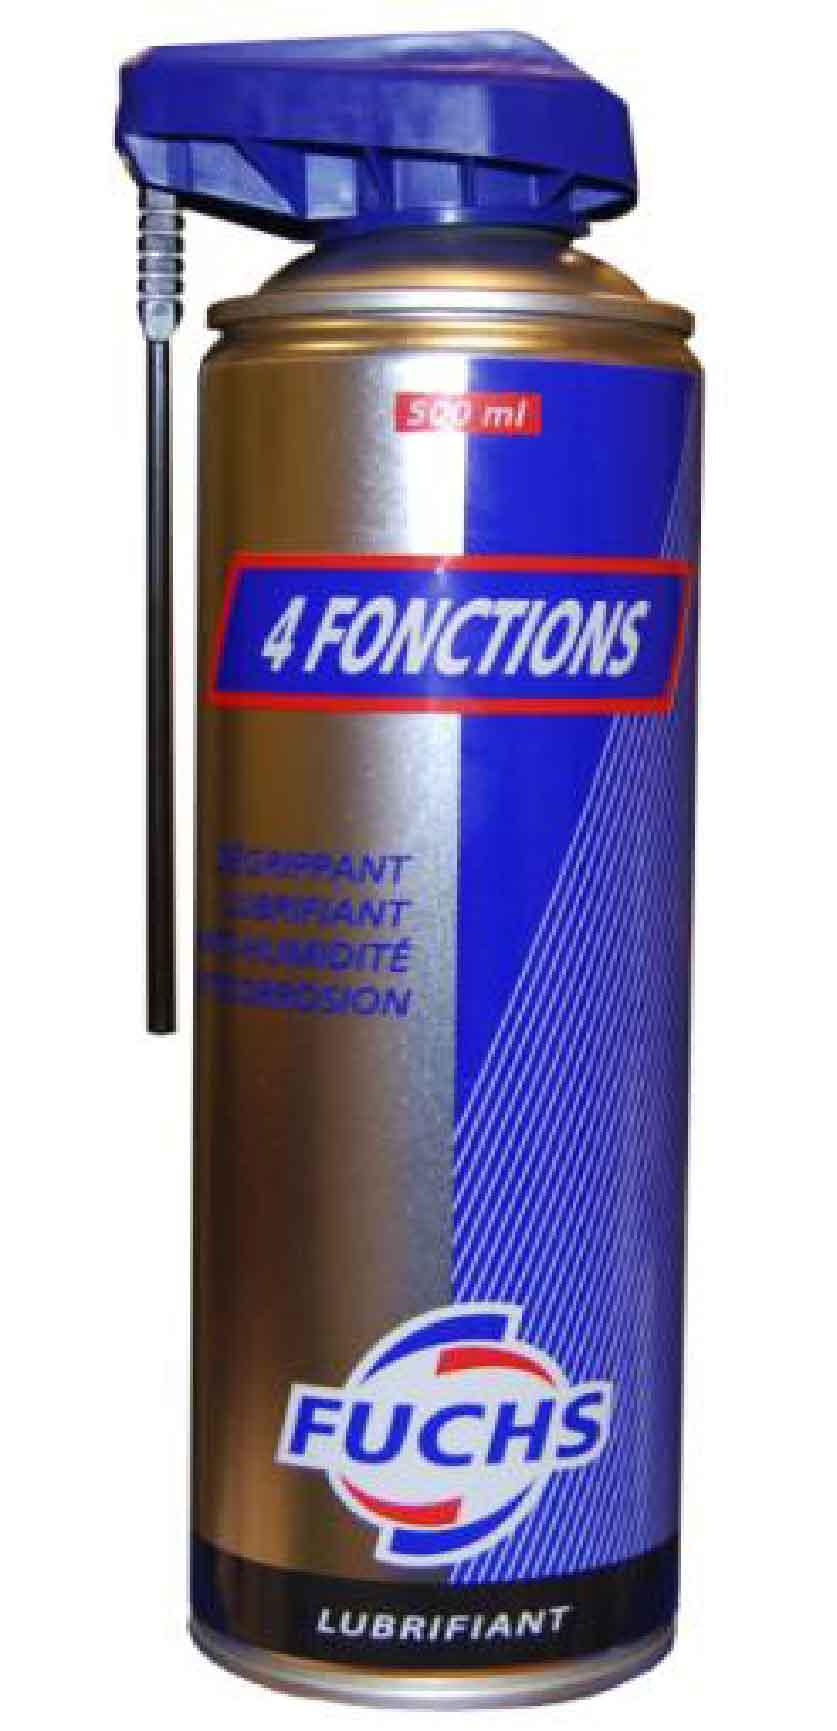 FUCHS LUBRIFIANT - AEROSOL FUCHS 4 FONCTIONS